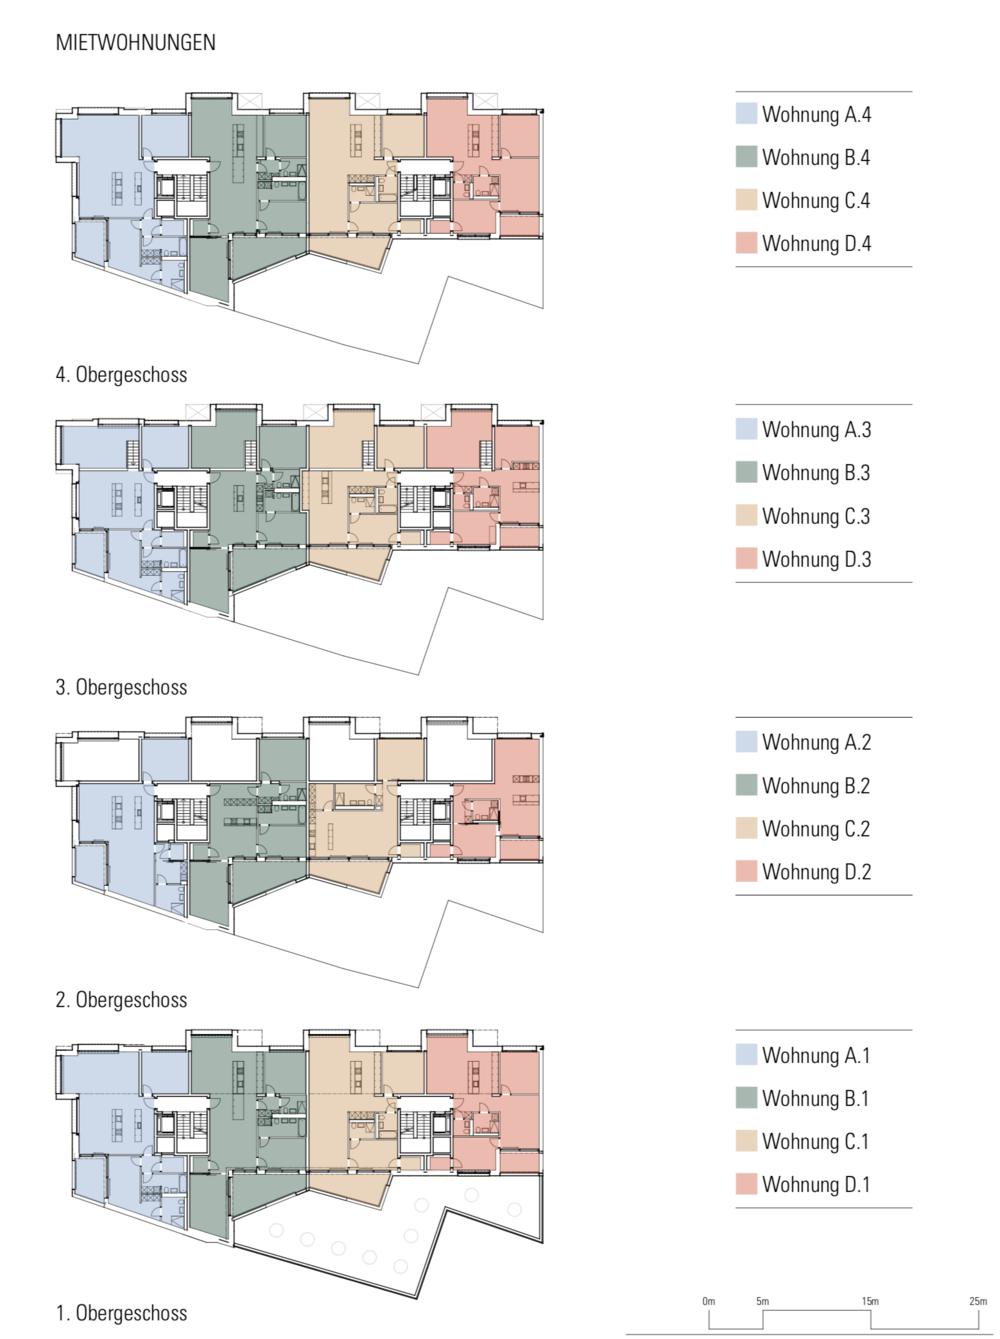 Wohnungsspiegel Bild.png